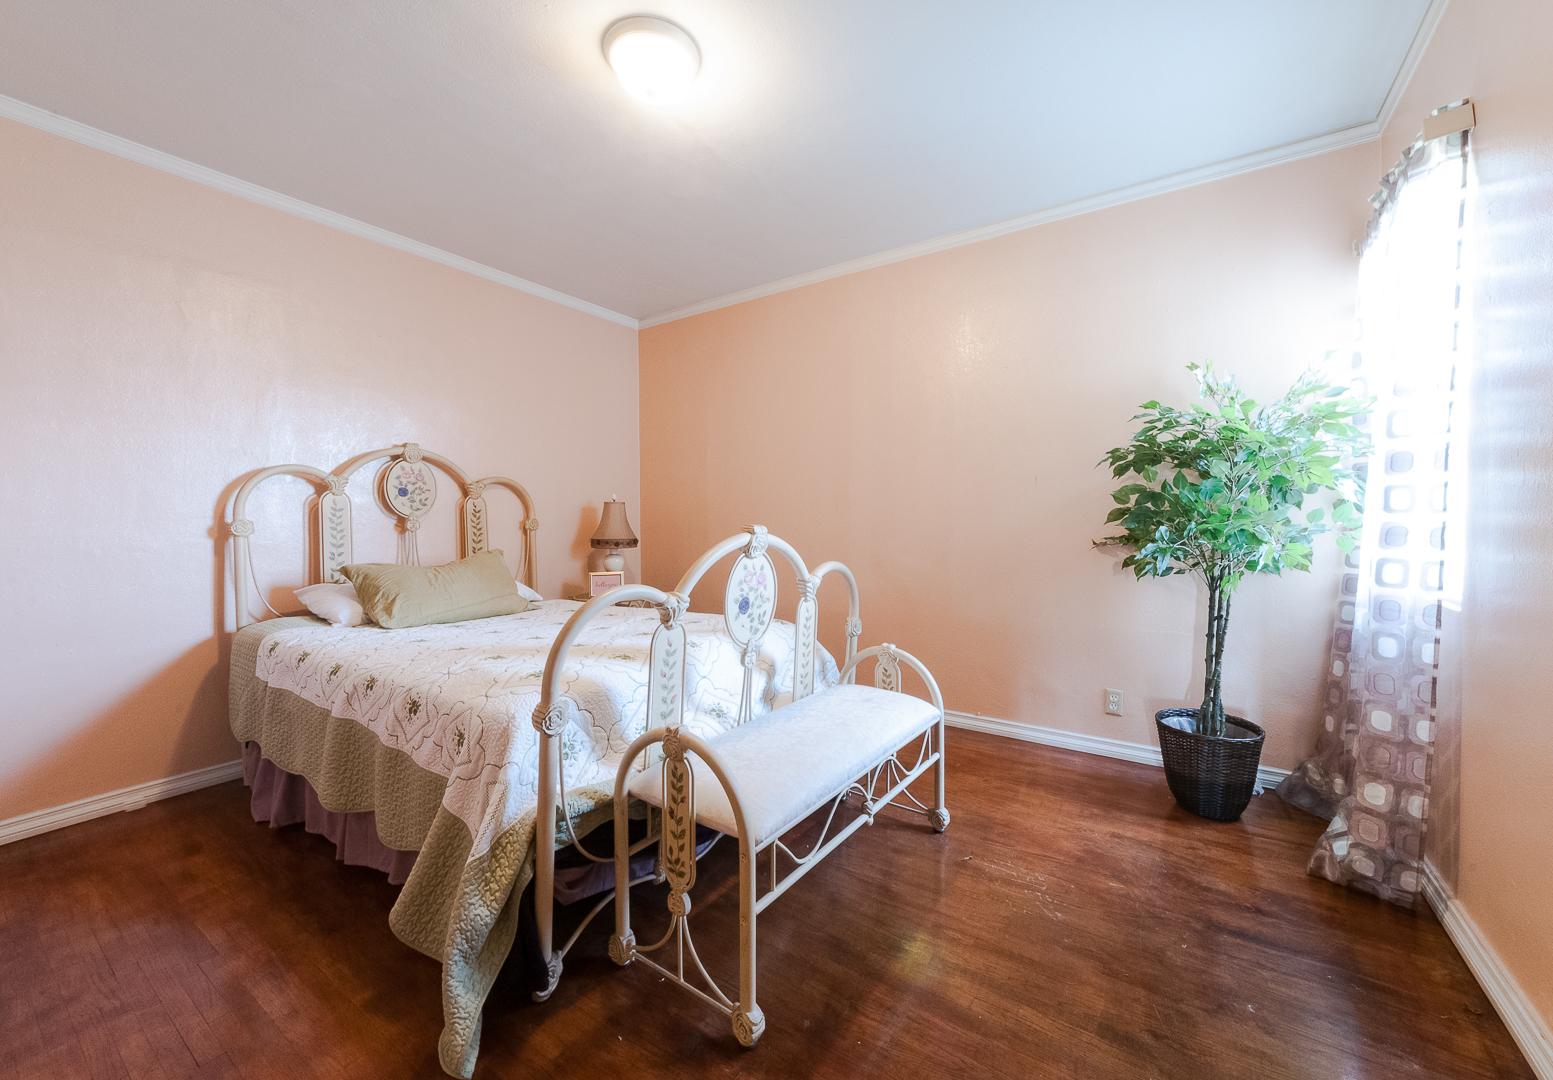 12 - Bedroom